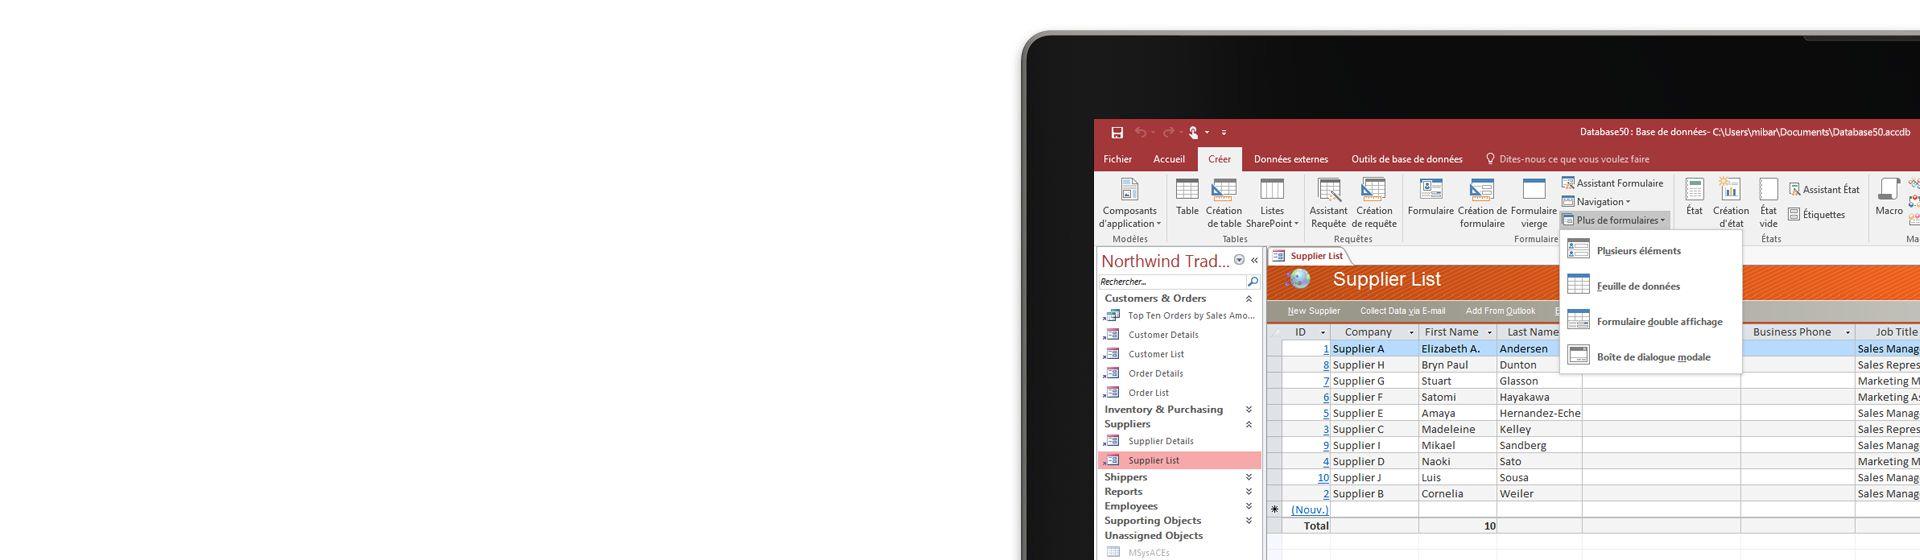 Angle d'un écran d'ordinateur affichant une liste de fournisseurs dans une base de données Microsoft Access.